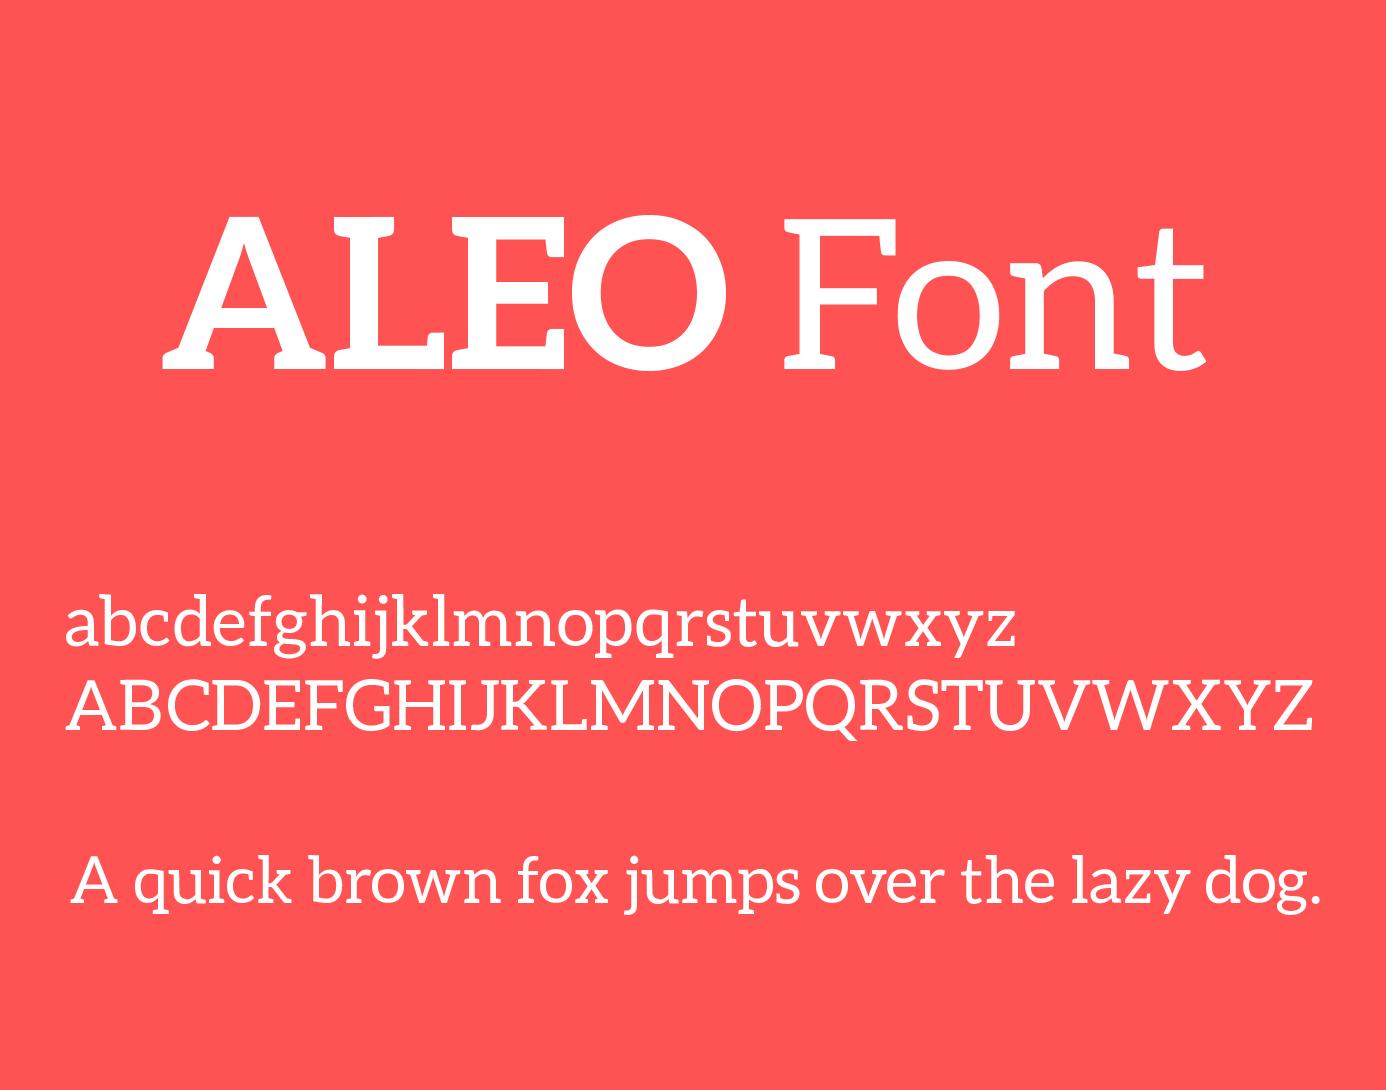 aleo-font